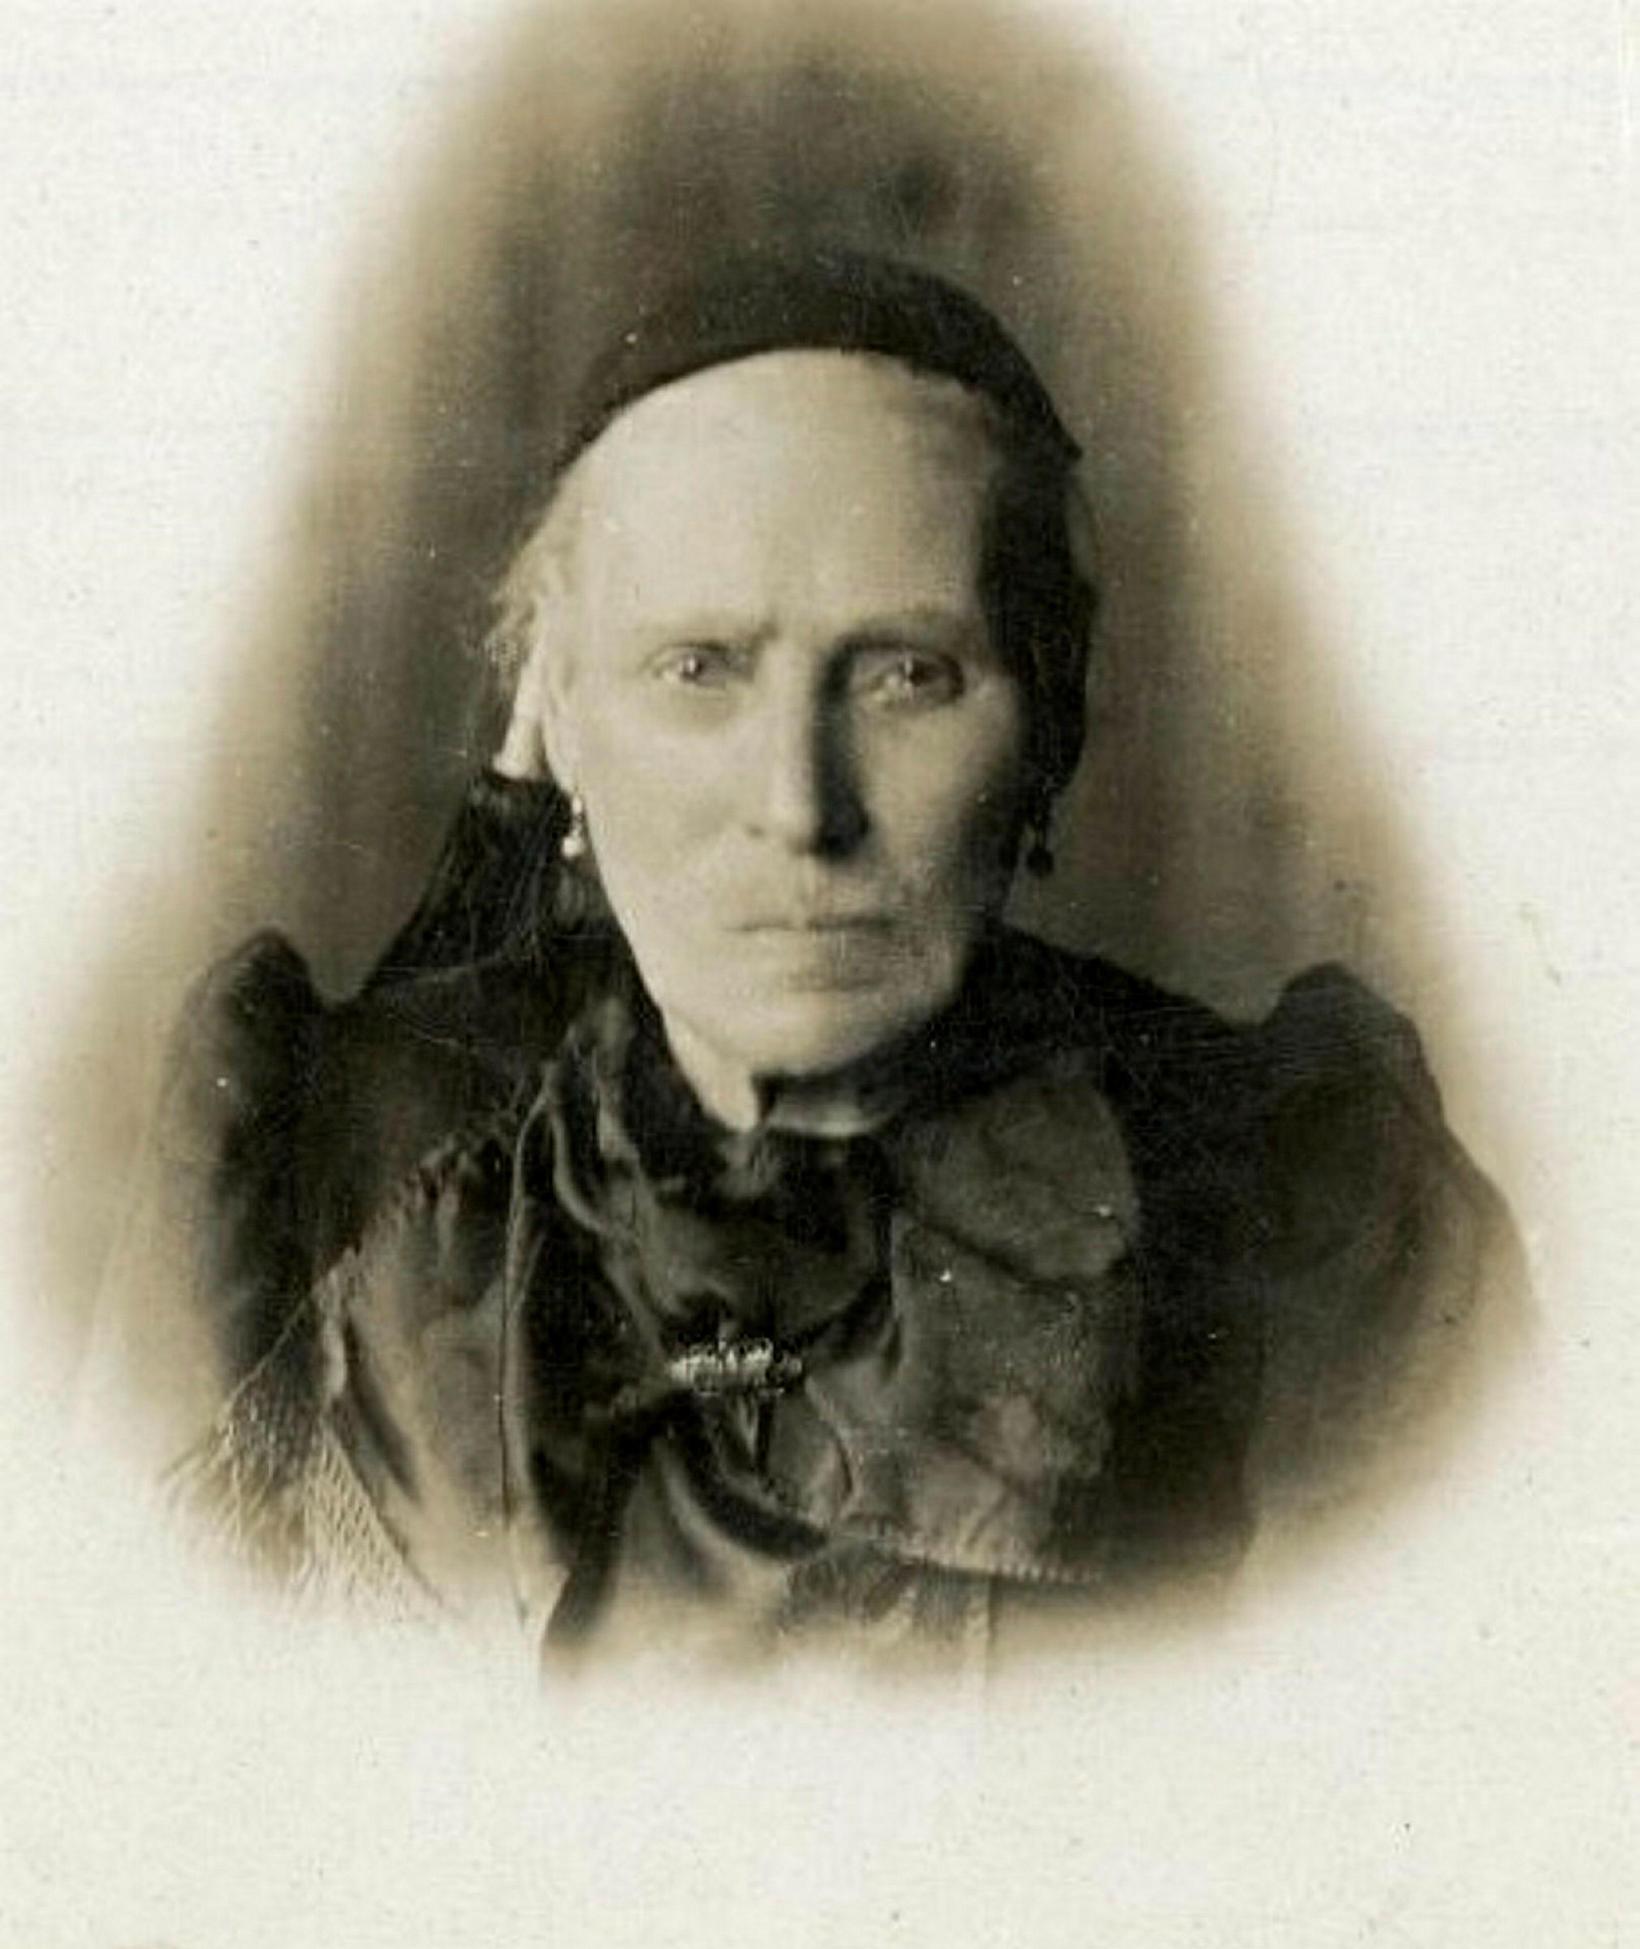 Ingveldur Þorsteinsdóttir vinnukona (1843-1914). Kom úr Eyvindarhólasókn 1870, vinnukona í ...